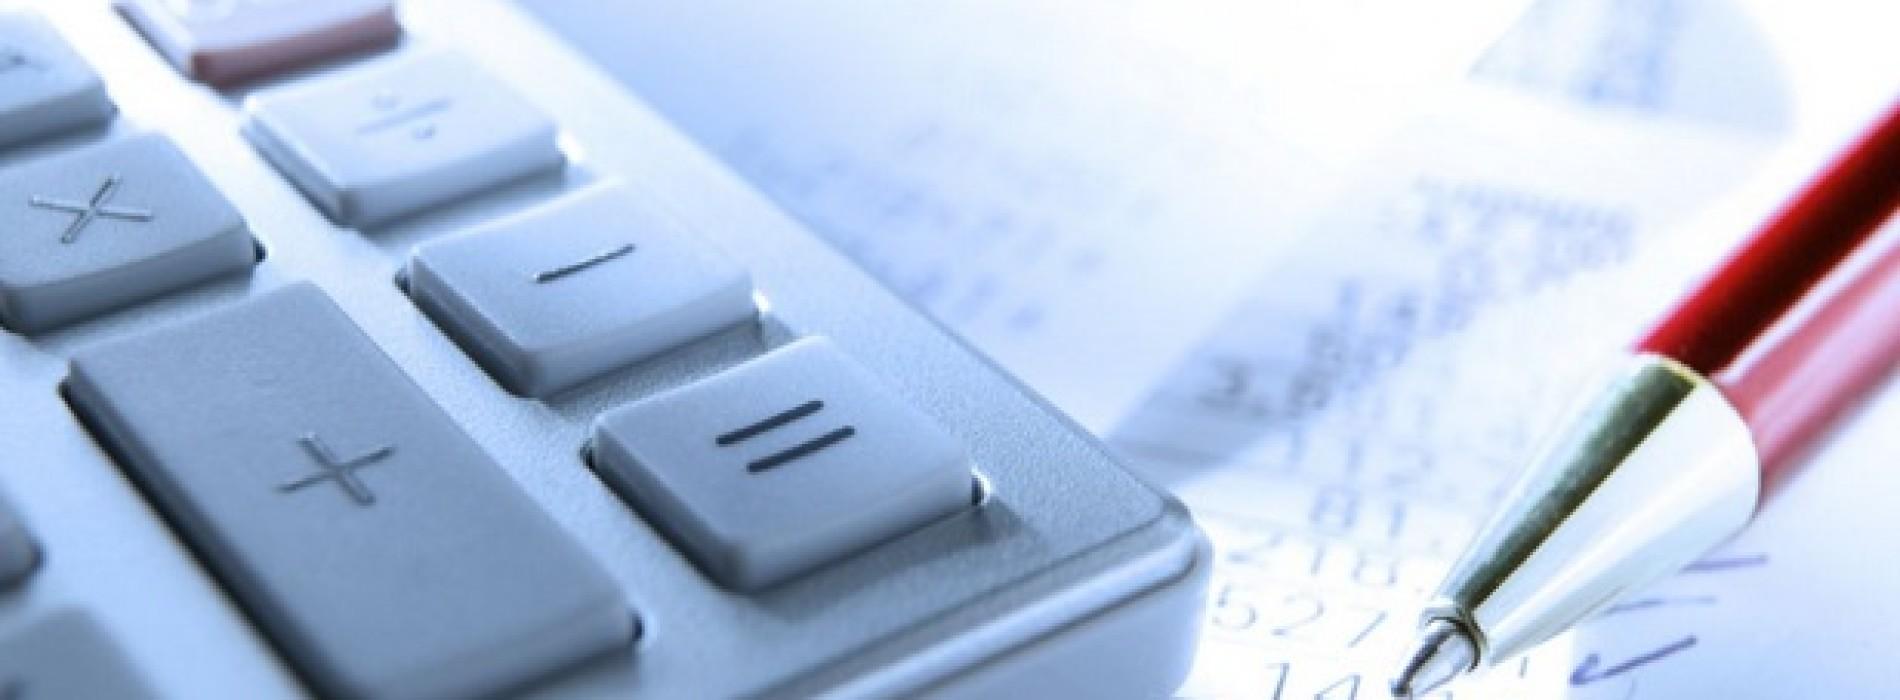 Oprogramowanie do pełnej księgowości – zasady i funkcje